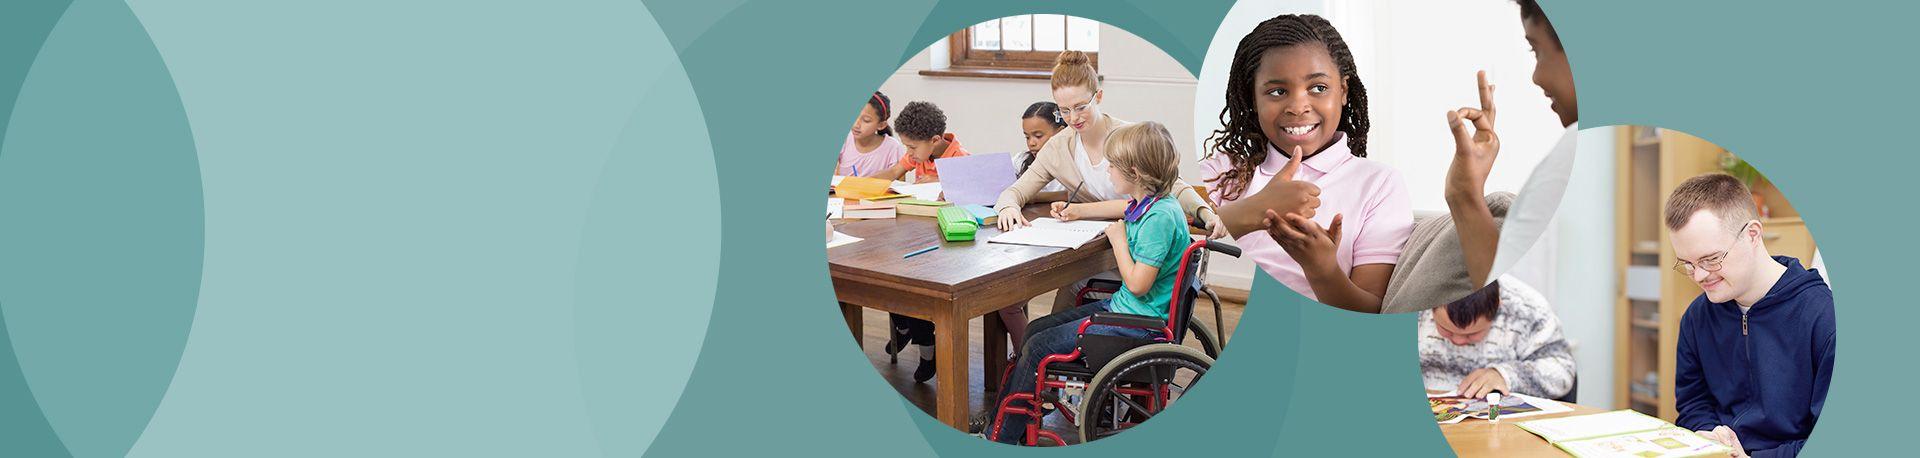 Enfants et adultes en situation de handicap étudiant à l'école